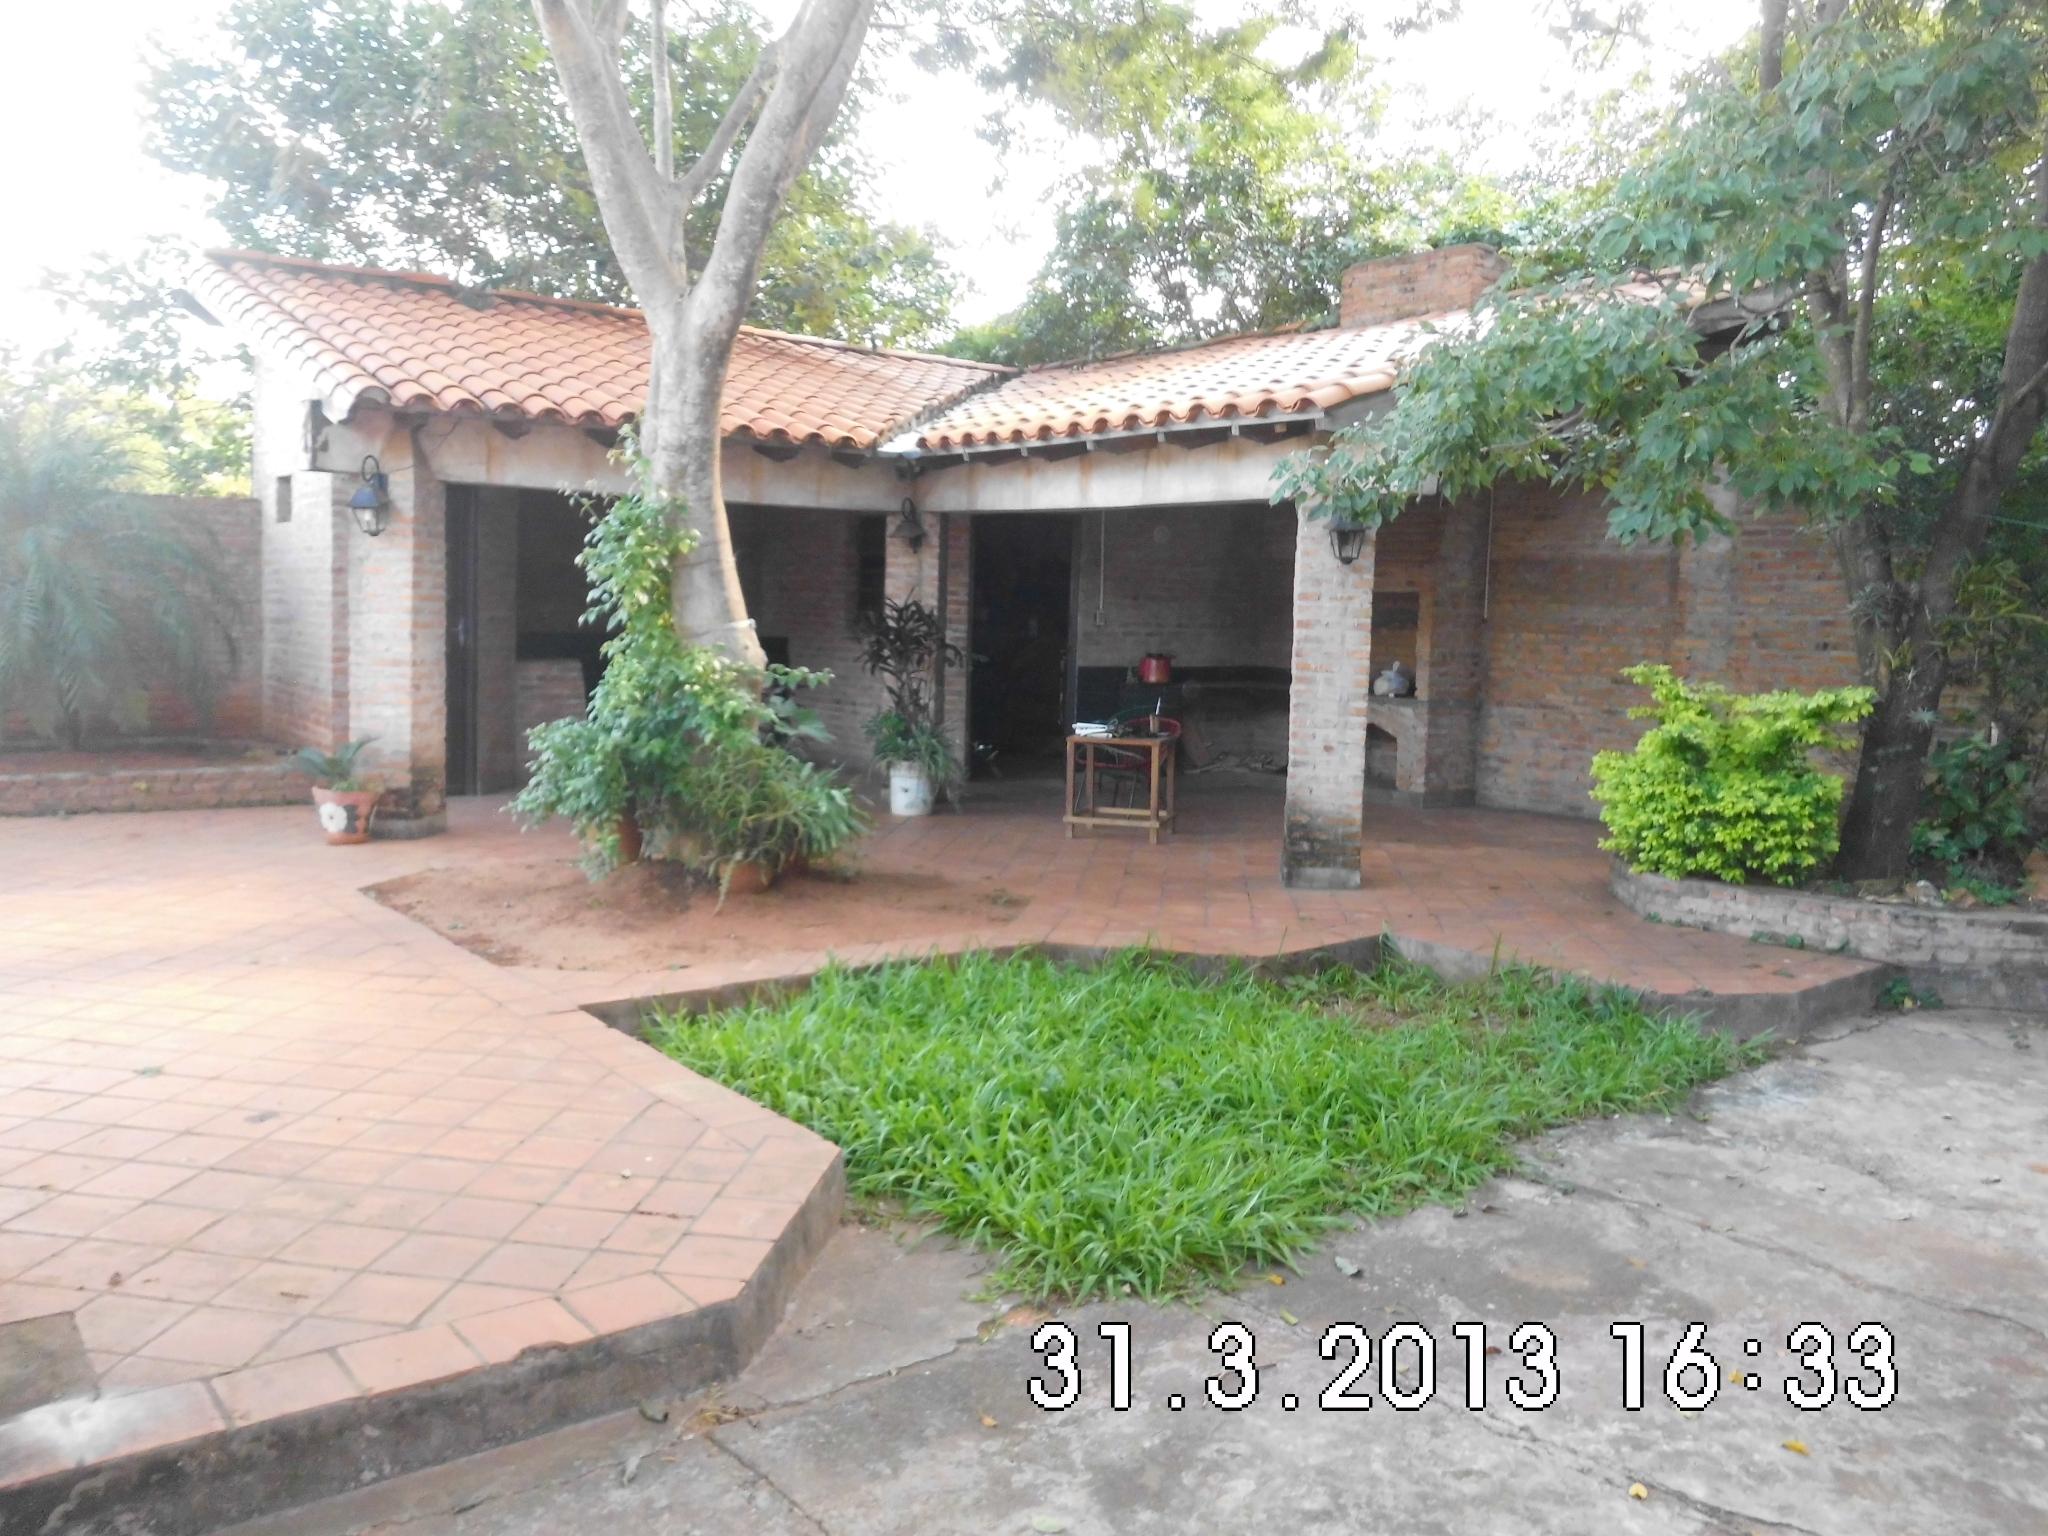 Vendo Casa En San Lorenzo A 100m De Calle Asfaltada